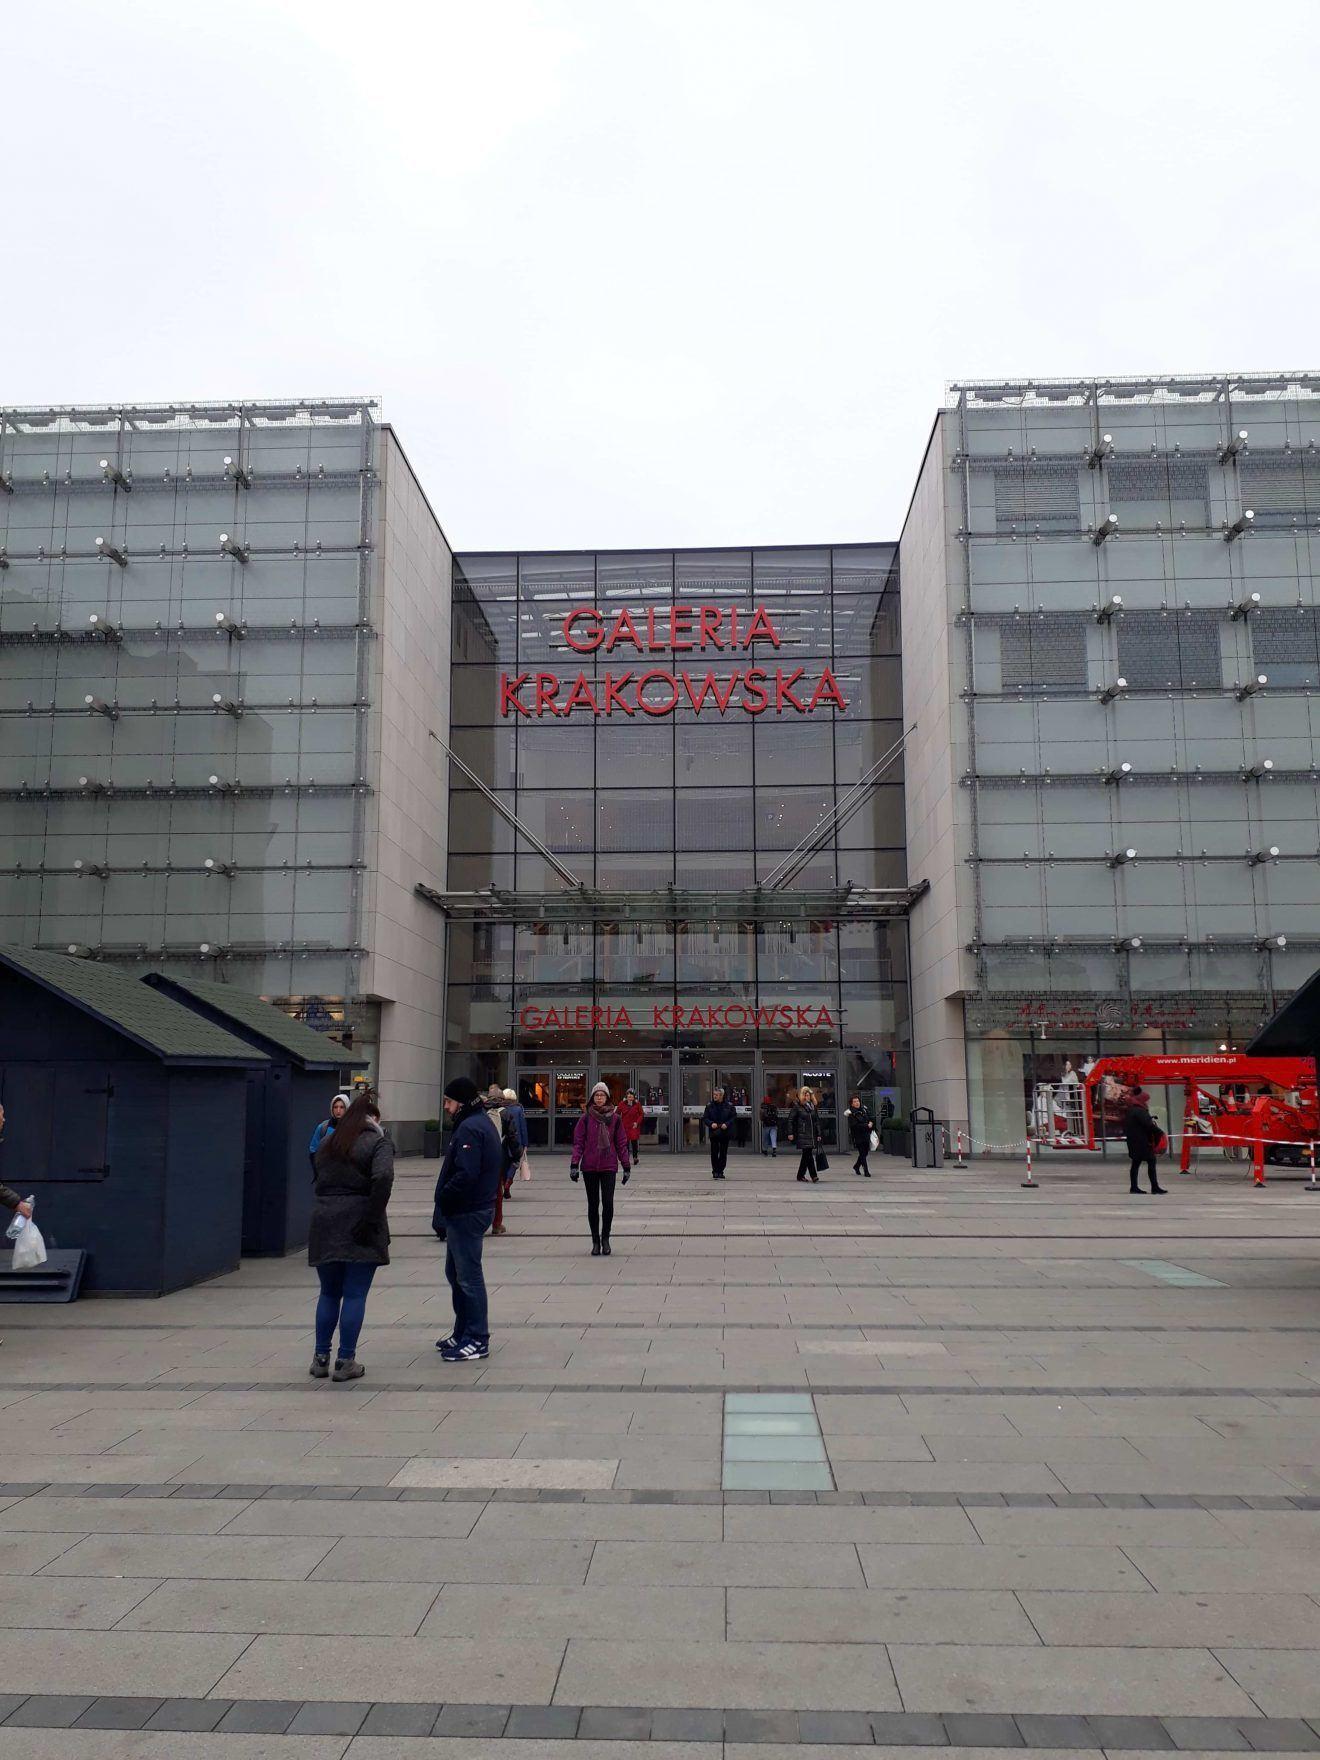 Kraków Główny train station